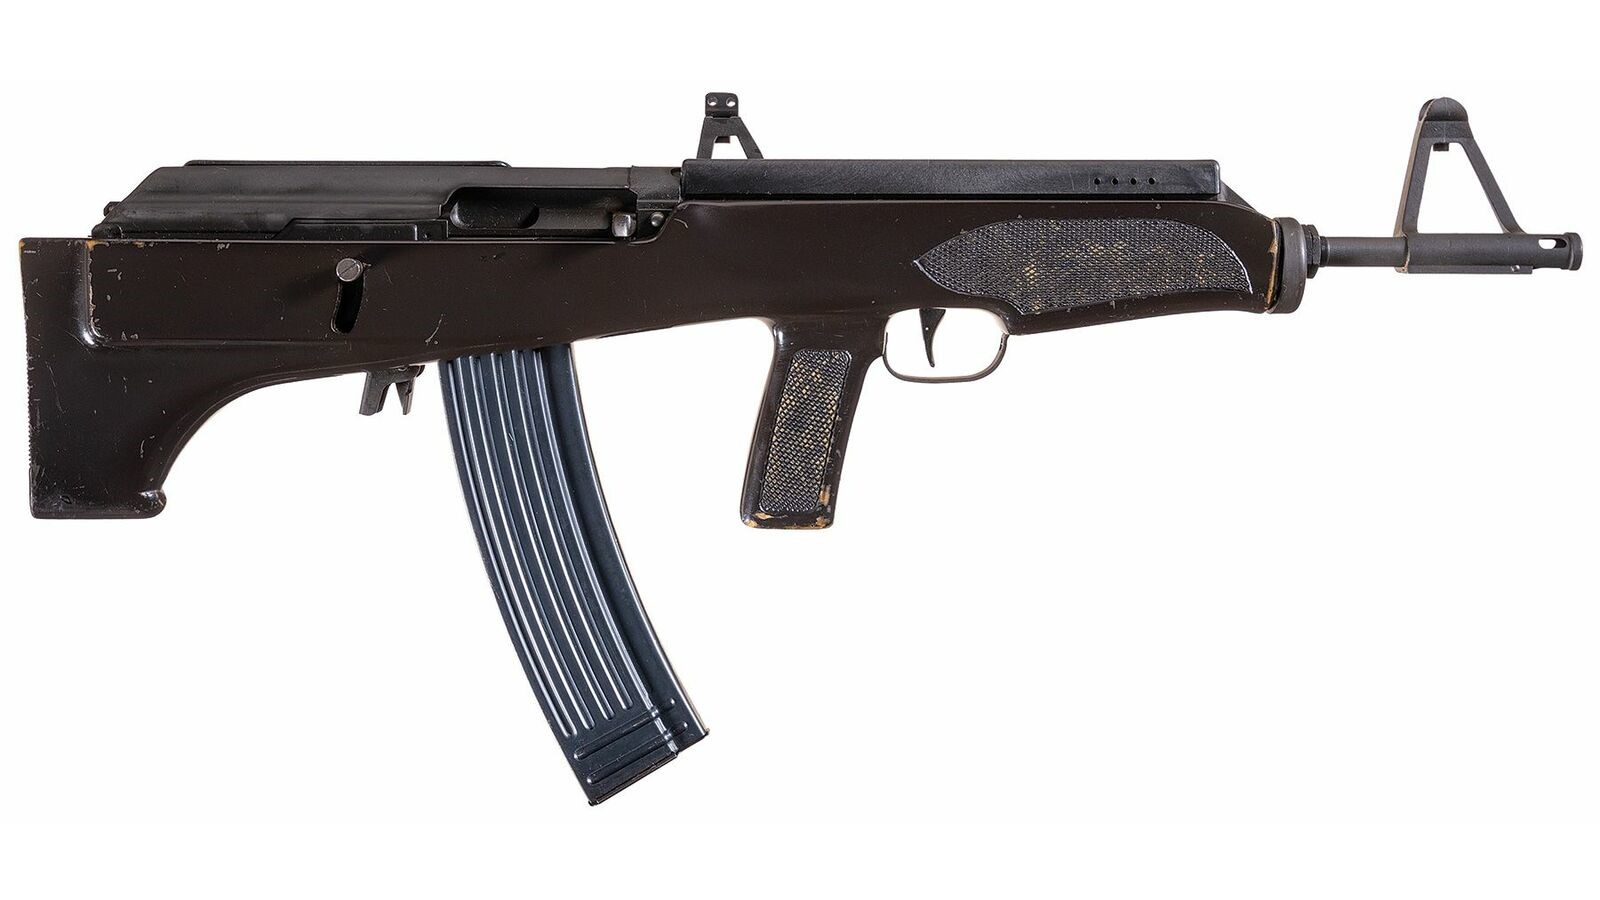 Valmet M82, лицензионная копия АК-47